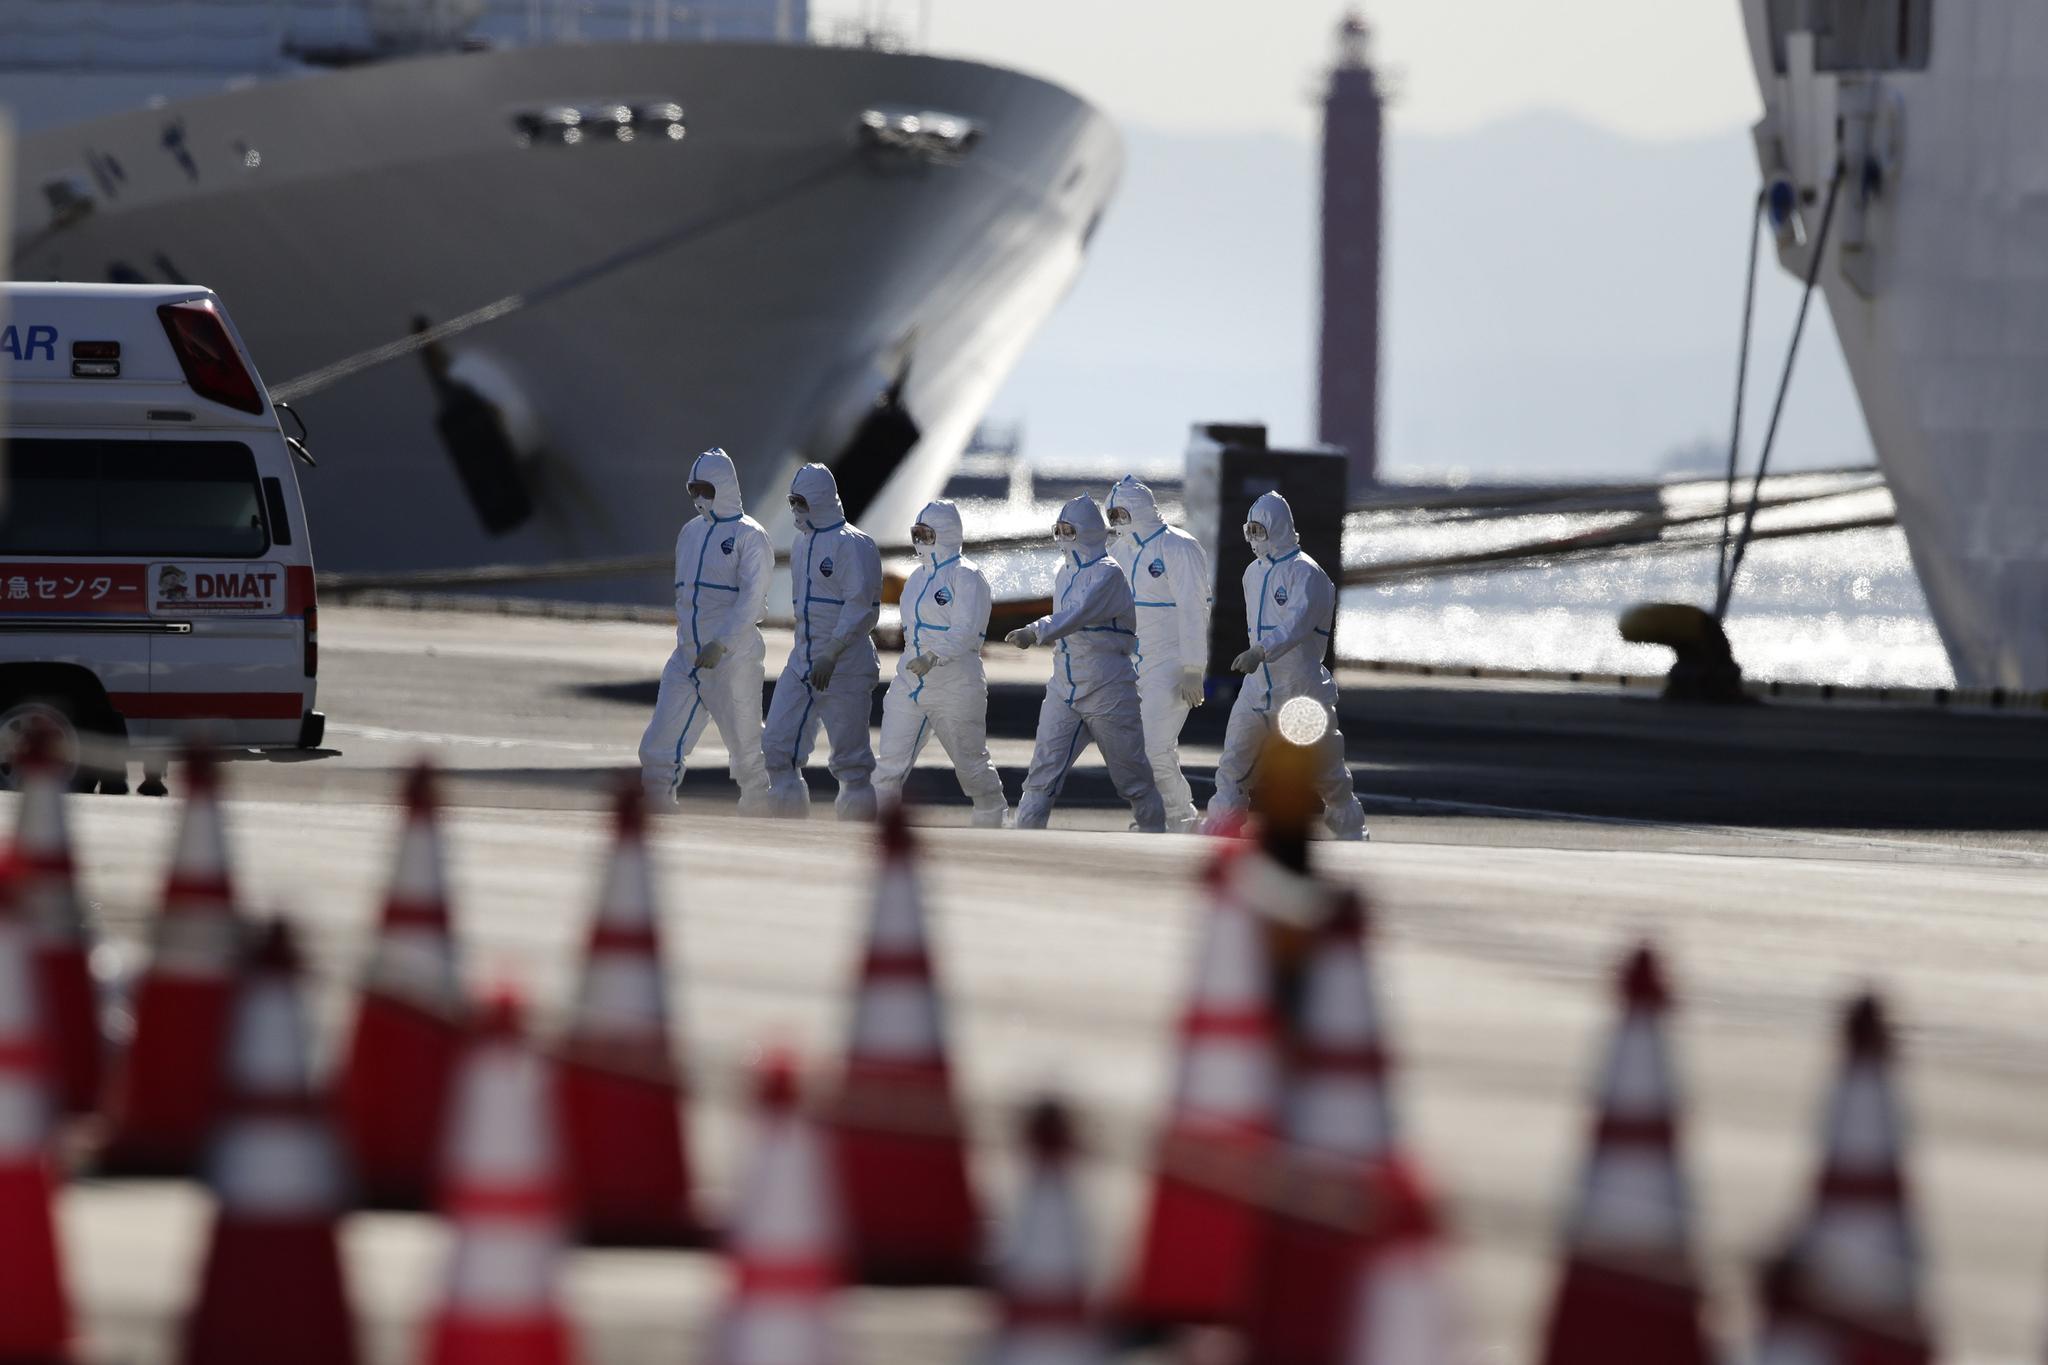 일본 요코하마항에 정박한 채 격리된 다이아몬드 프린세스 크루즈선 앞에서 보호복을 입은 의료진이 이동하고 있다. [AP=연합뉴스]